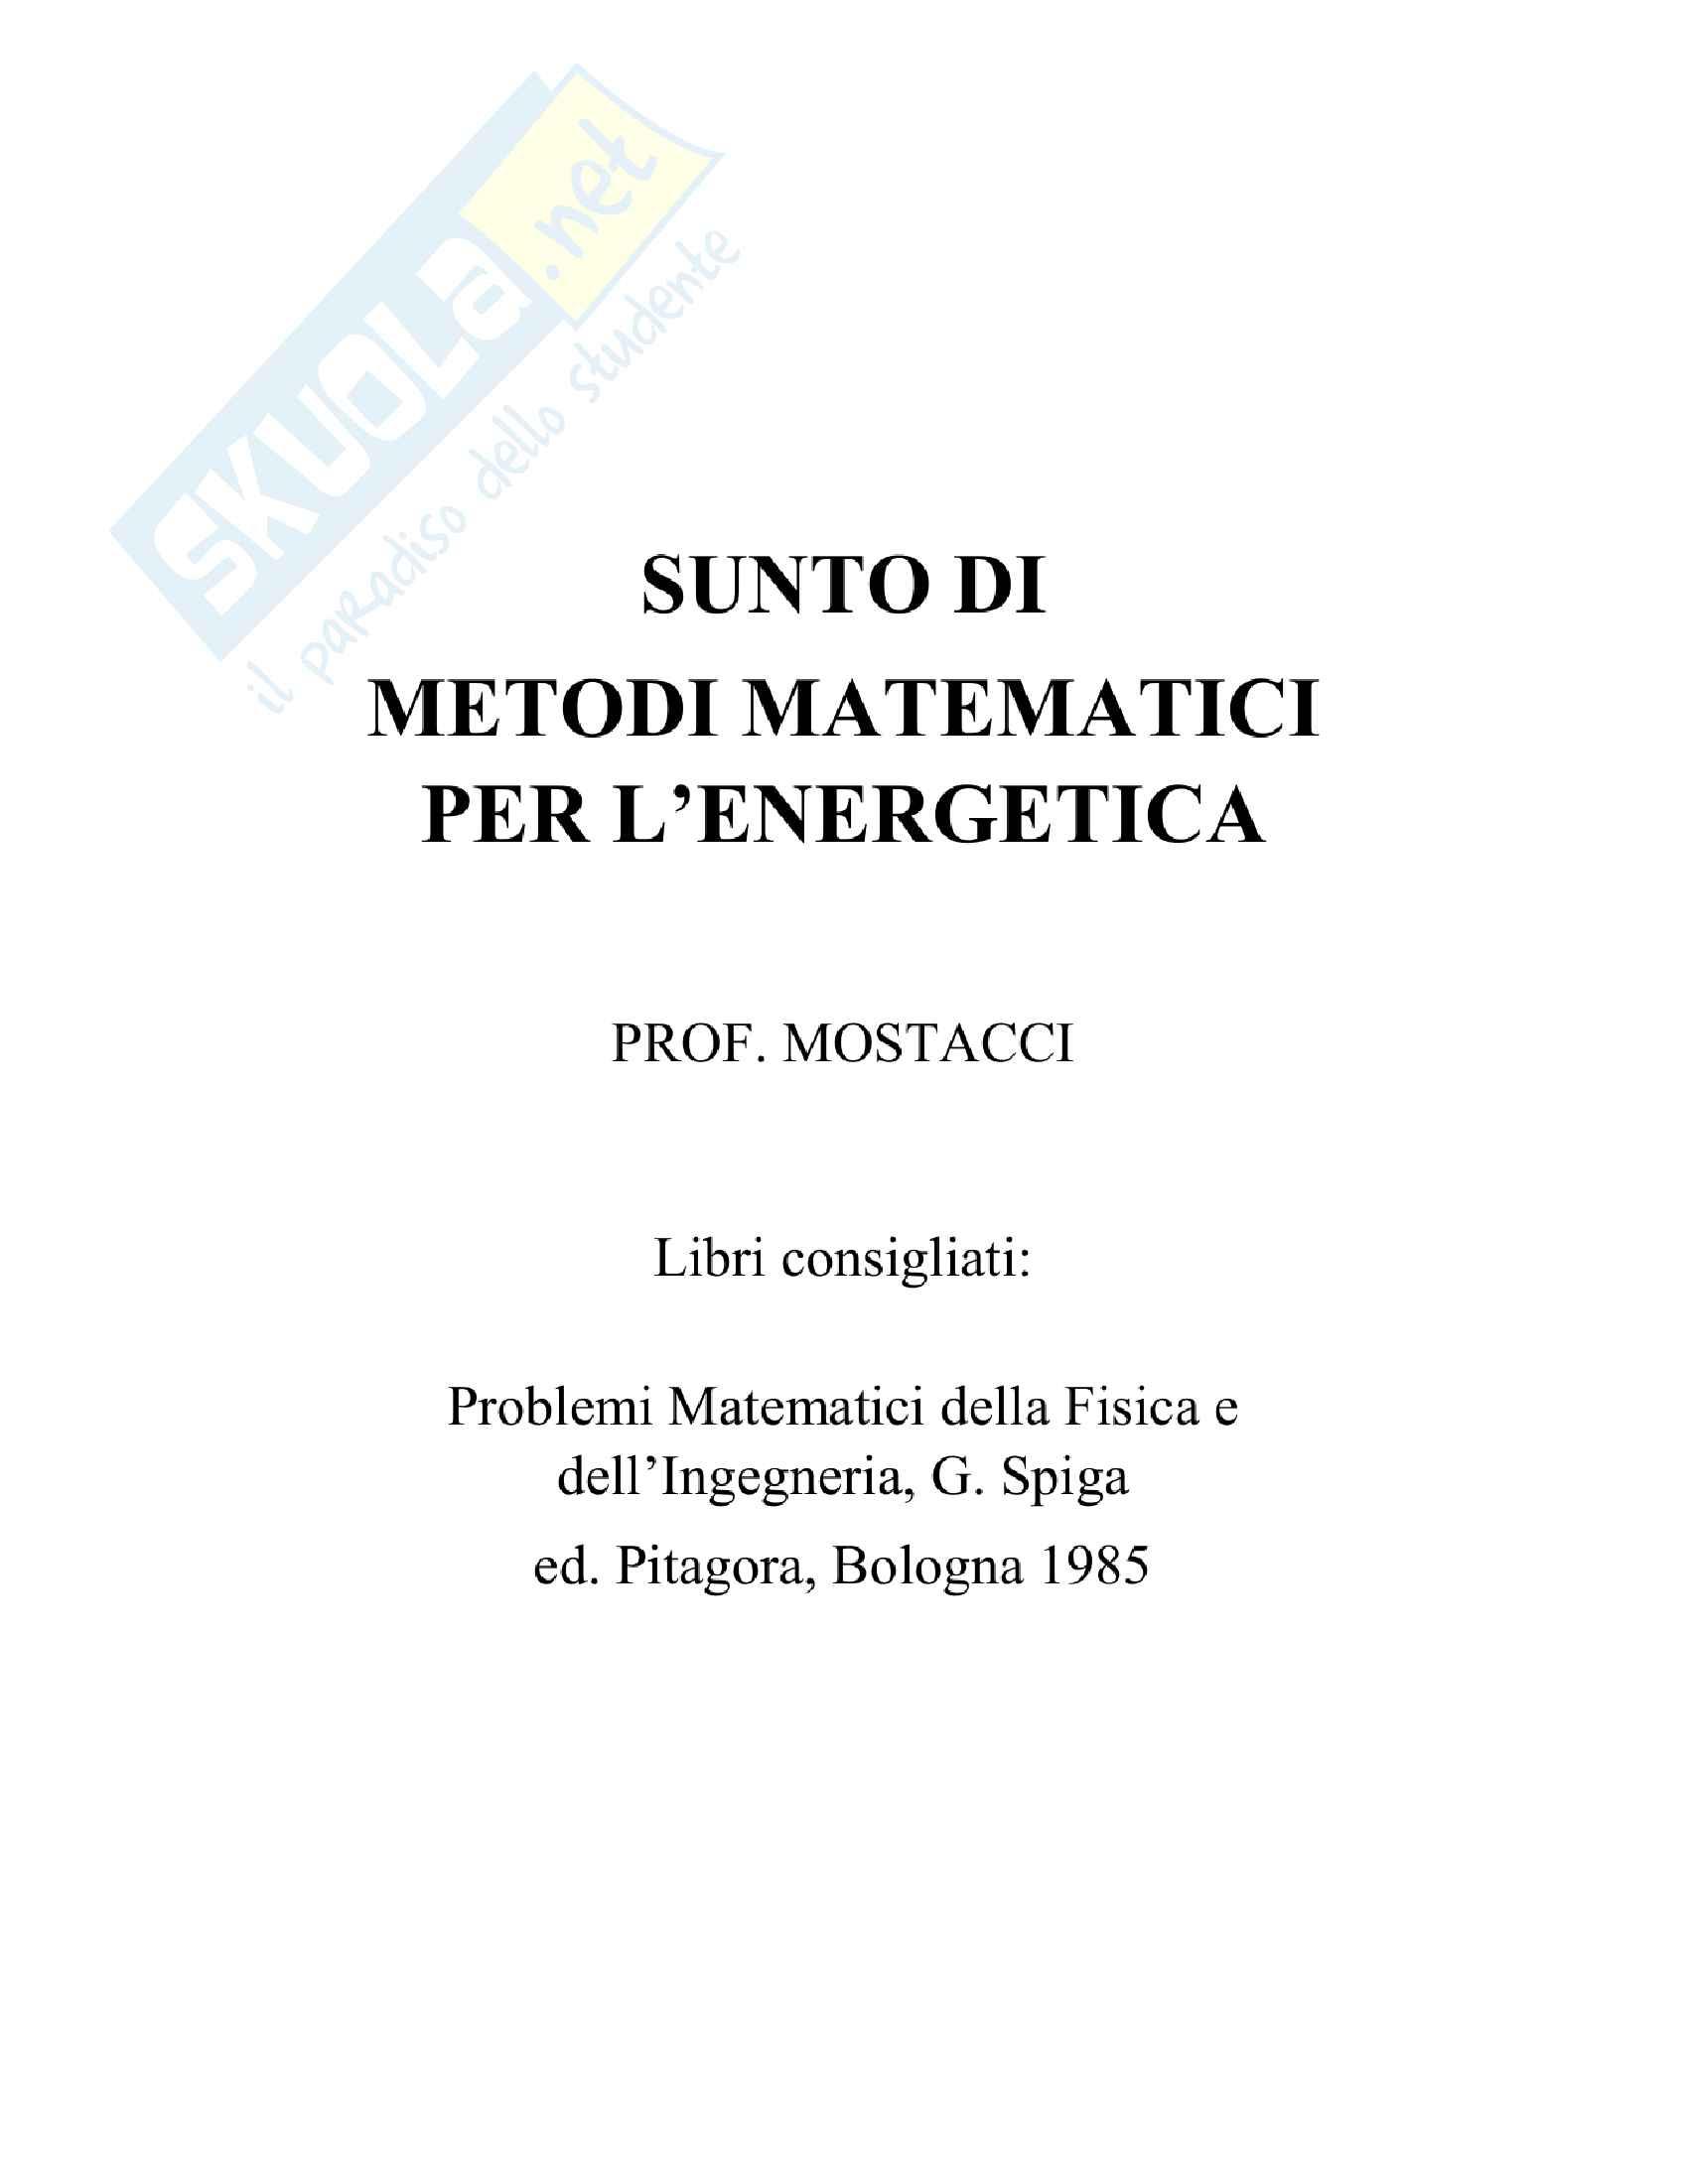 Riassunto esame Metodi Matematici per l'Energetica, docente Mostacci, libro consigliato Problemi Matematici della Fisica e dell'Ingegneria, G. Spiga